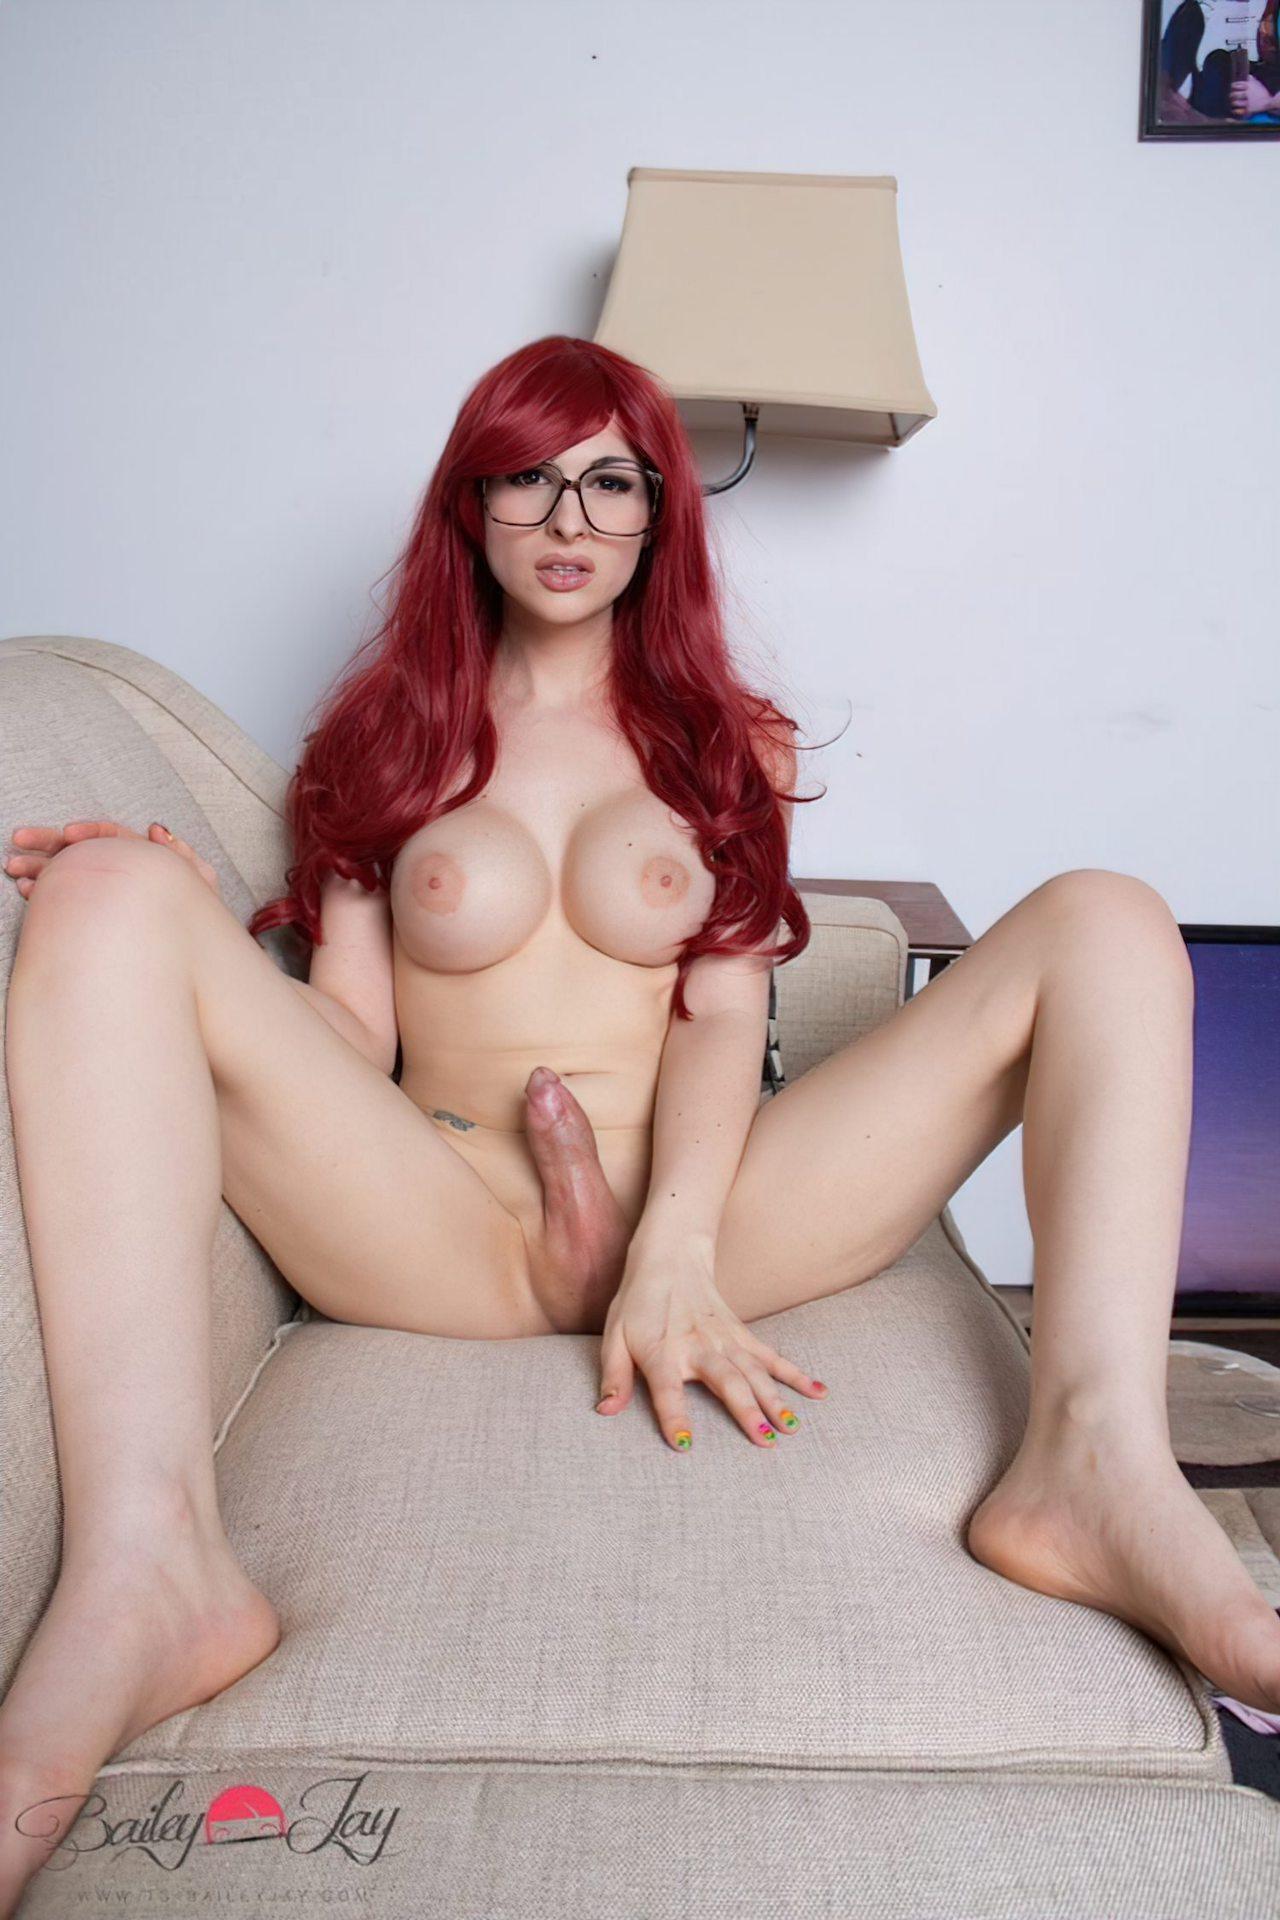 Travesti Bailey Jay (5)